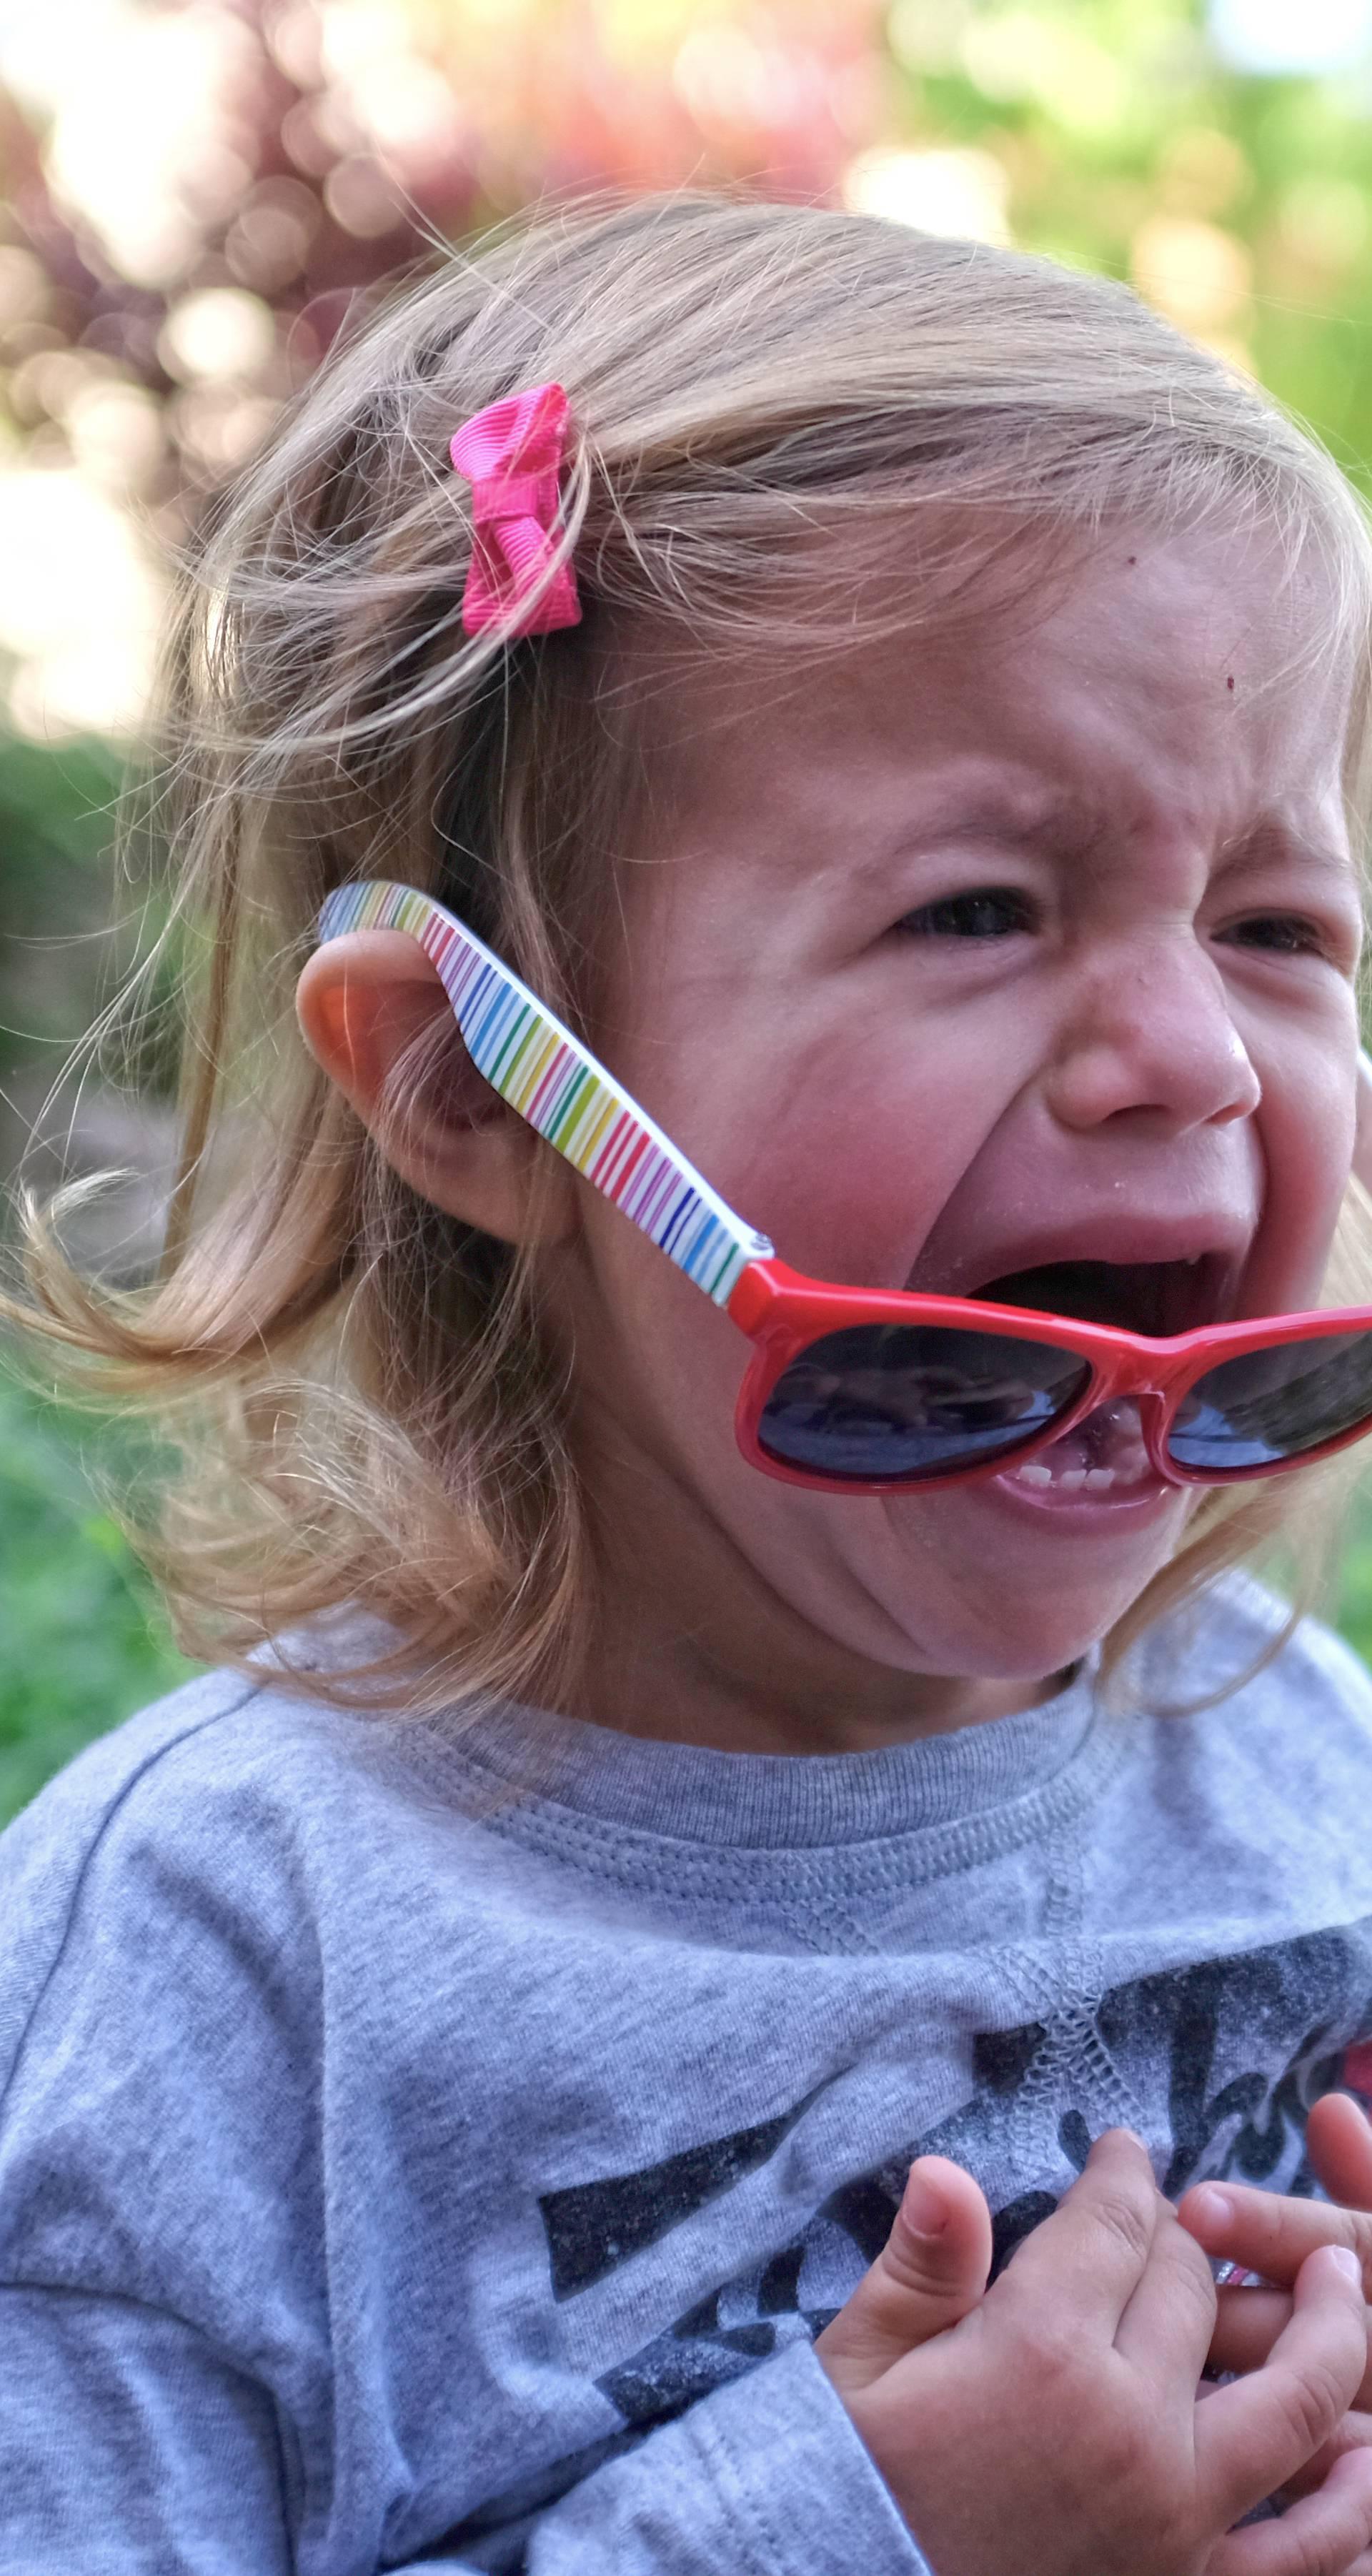 Kako spriječiti bijesne ispade kod djece - razljutite ih za igru